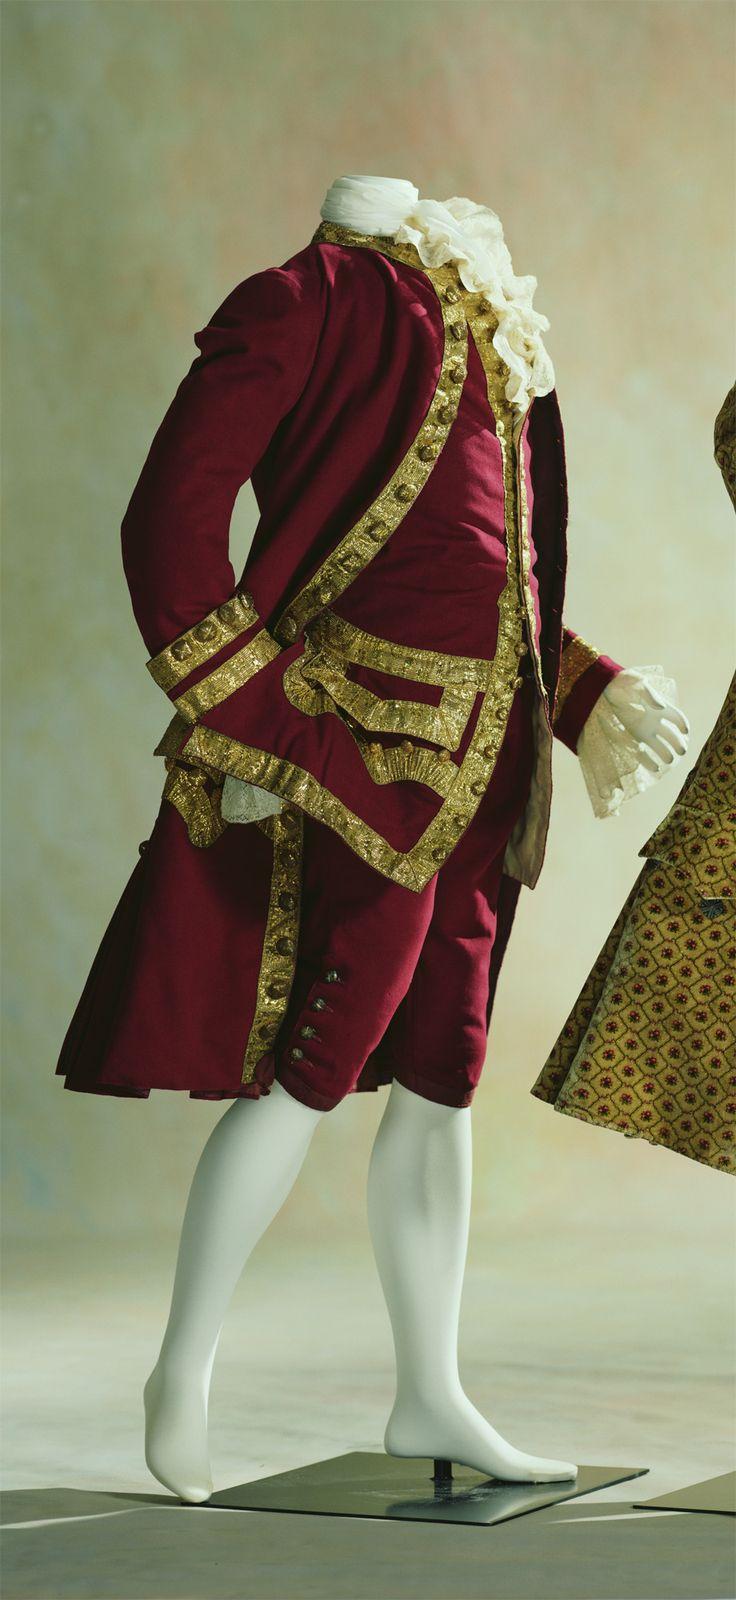 (chaqueta, chaleco y pantalón)1750-60-Inglaterra  Material:Vino de color rojo de lana, abrigo, chaleco adornado con galones de oro y los botones envueltos con hilos de oro, chaleco de manga.  Un conjunto de chaqueta, chaleco y pantalones que representan el traje típico usado por los hombres durante el siglo 18.